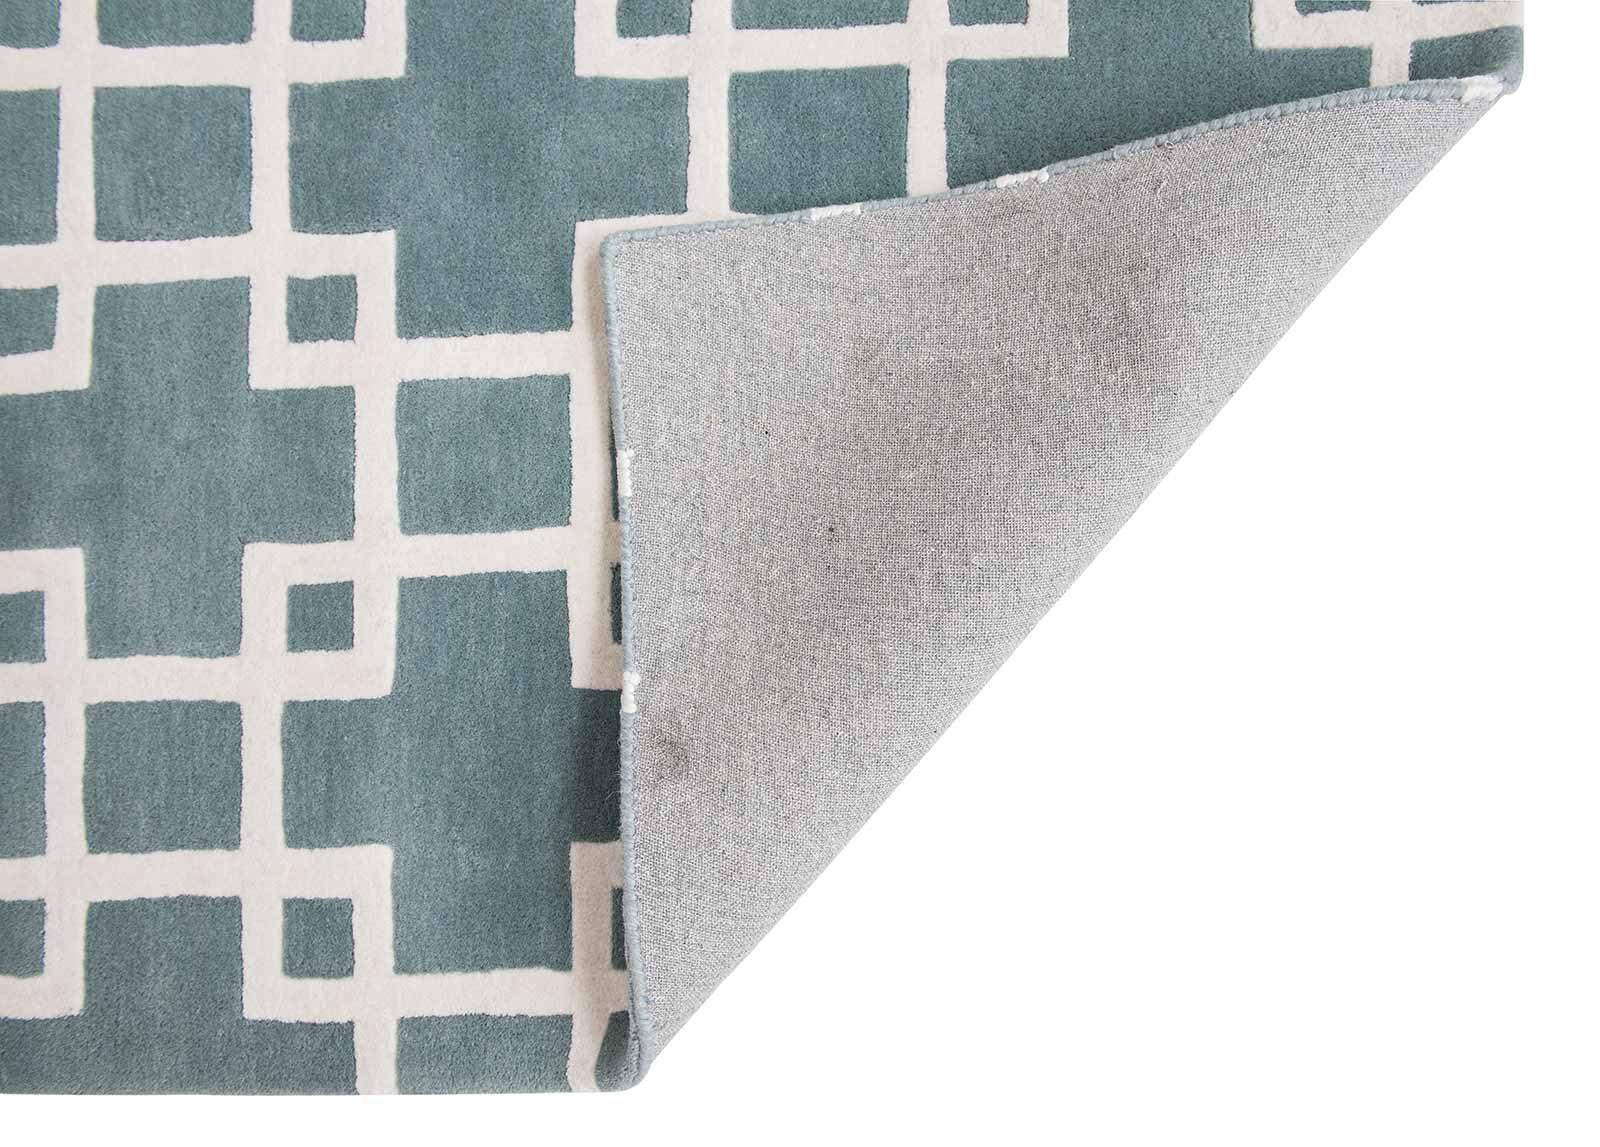 Louis De Poortere tapijt Romo LX 2011 Cubis Agate back